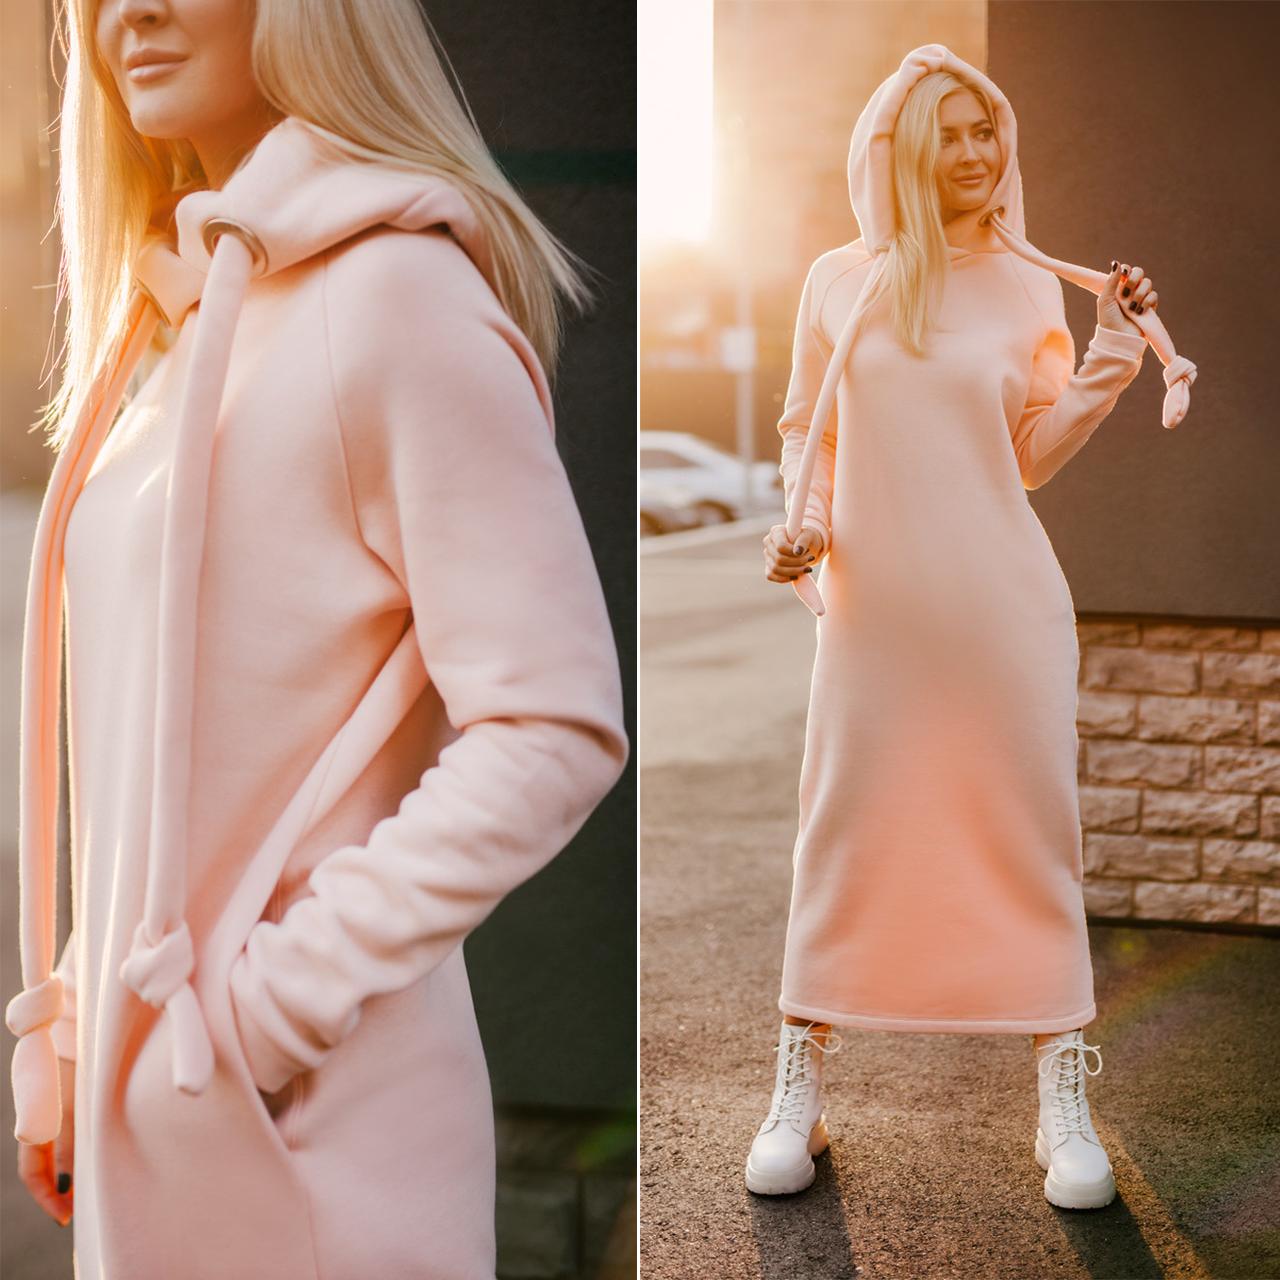 Тепле плаття на флісі в кольорі пудра